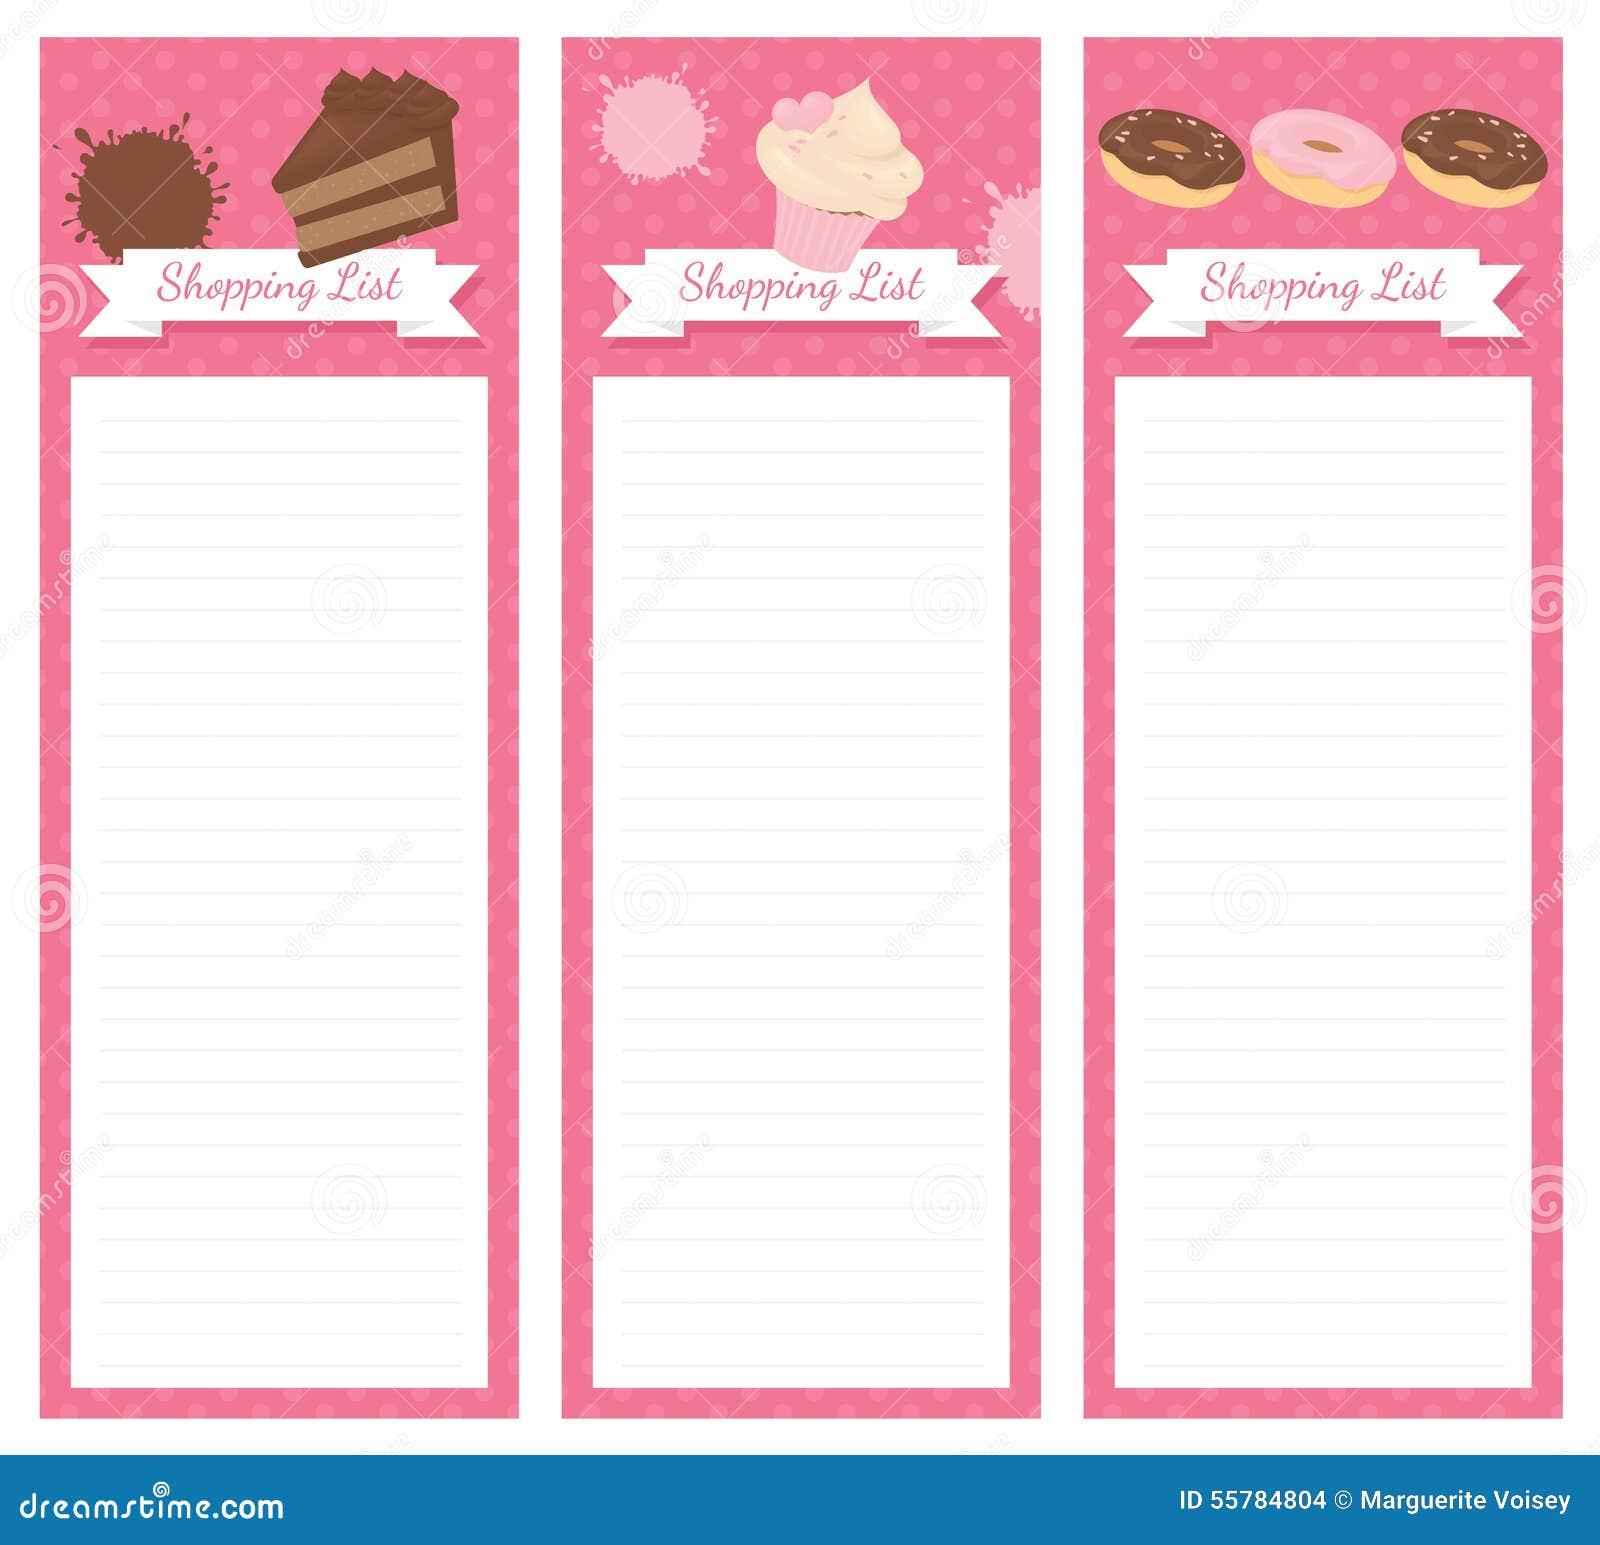 Shopping List Design Cake Stock Illustration - Image: 55784804